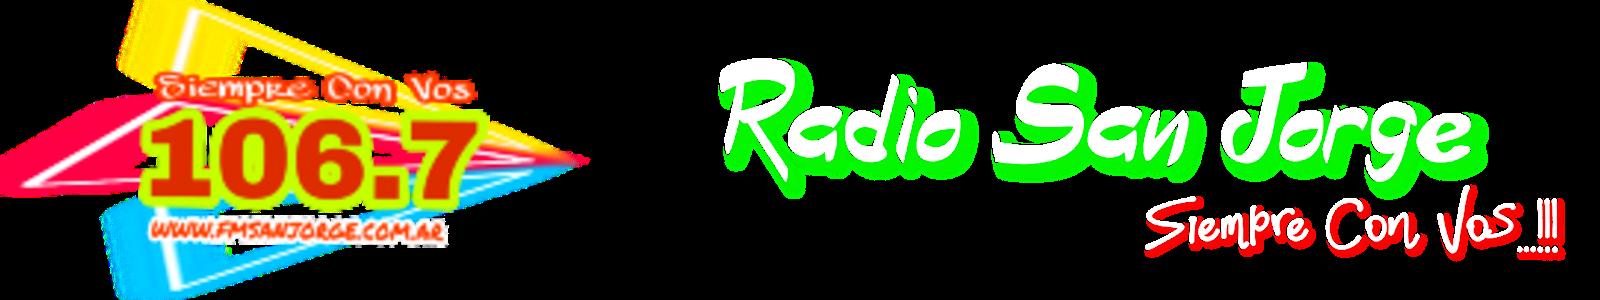 RADIO SAN JORGE ONLINE